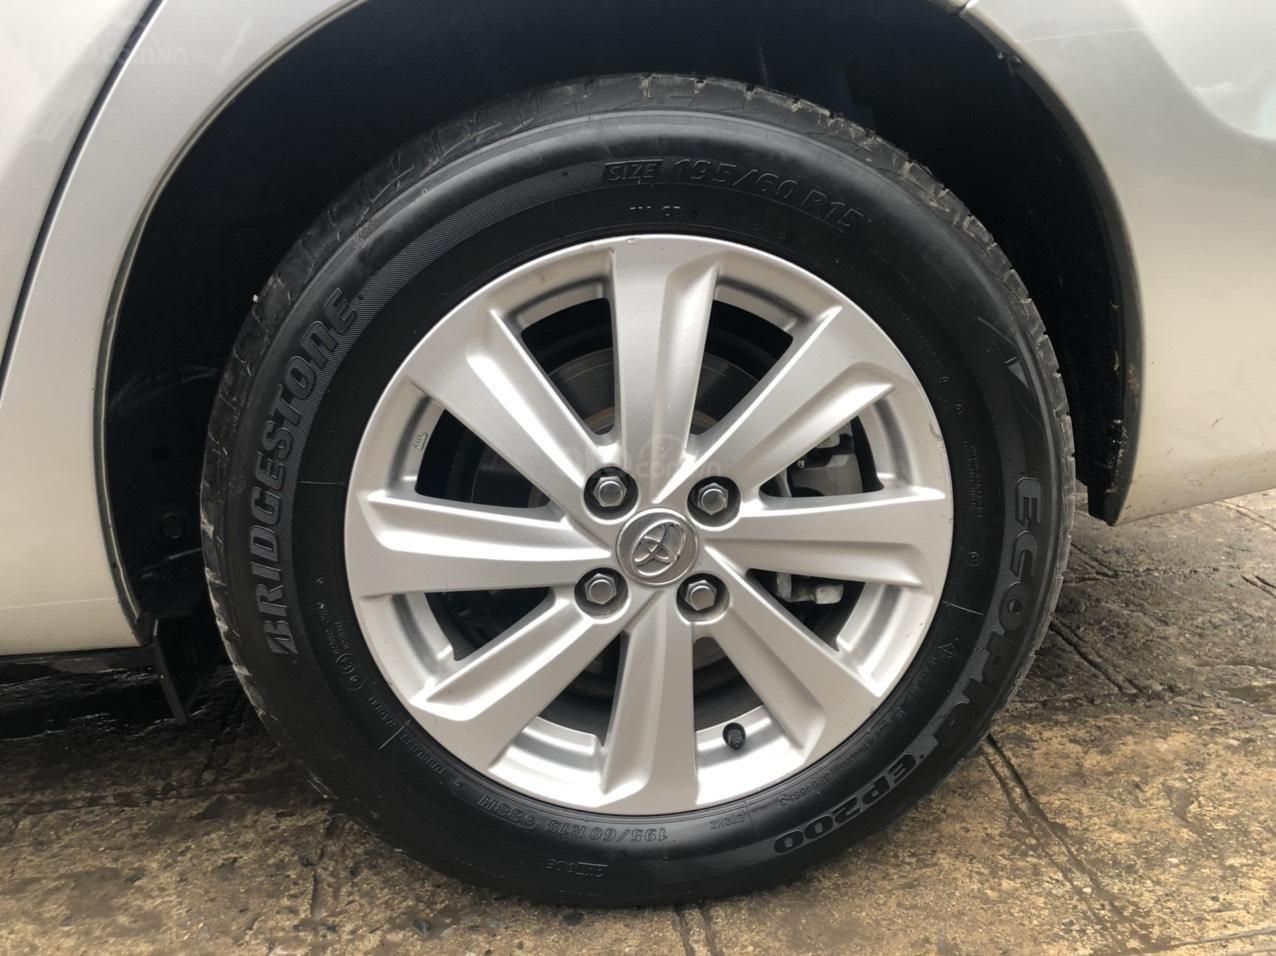 Bán nhanh Toyota Vios E AT đời 2018 màu bạc, xe chất biển TP, xe đẹp, nguyên zin không kinh doanh, chạy hơn 30000km (8)